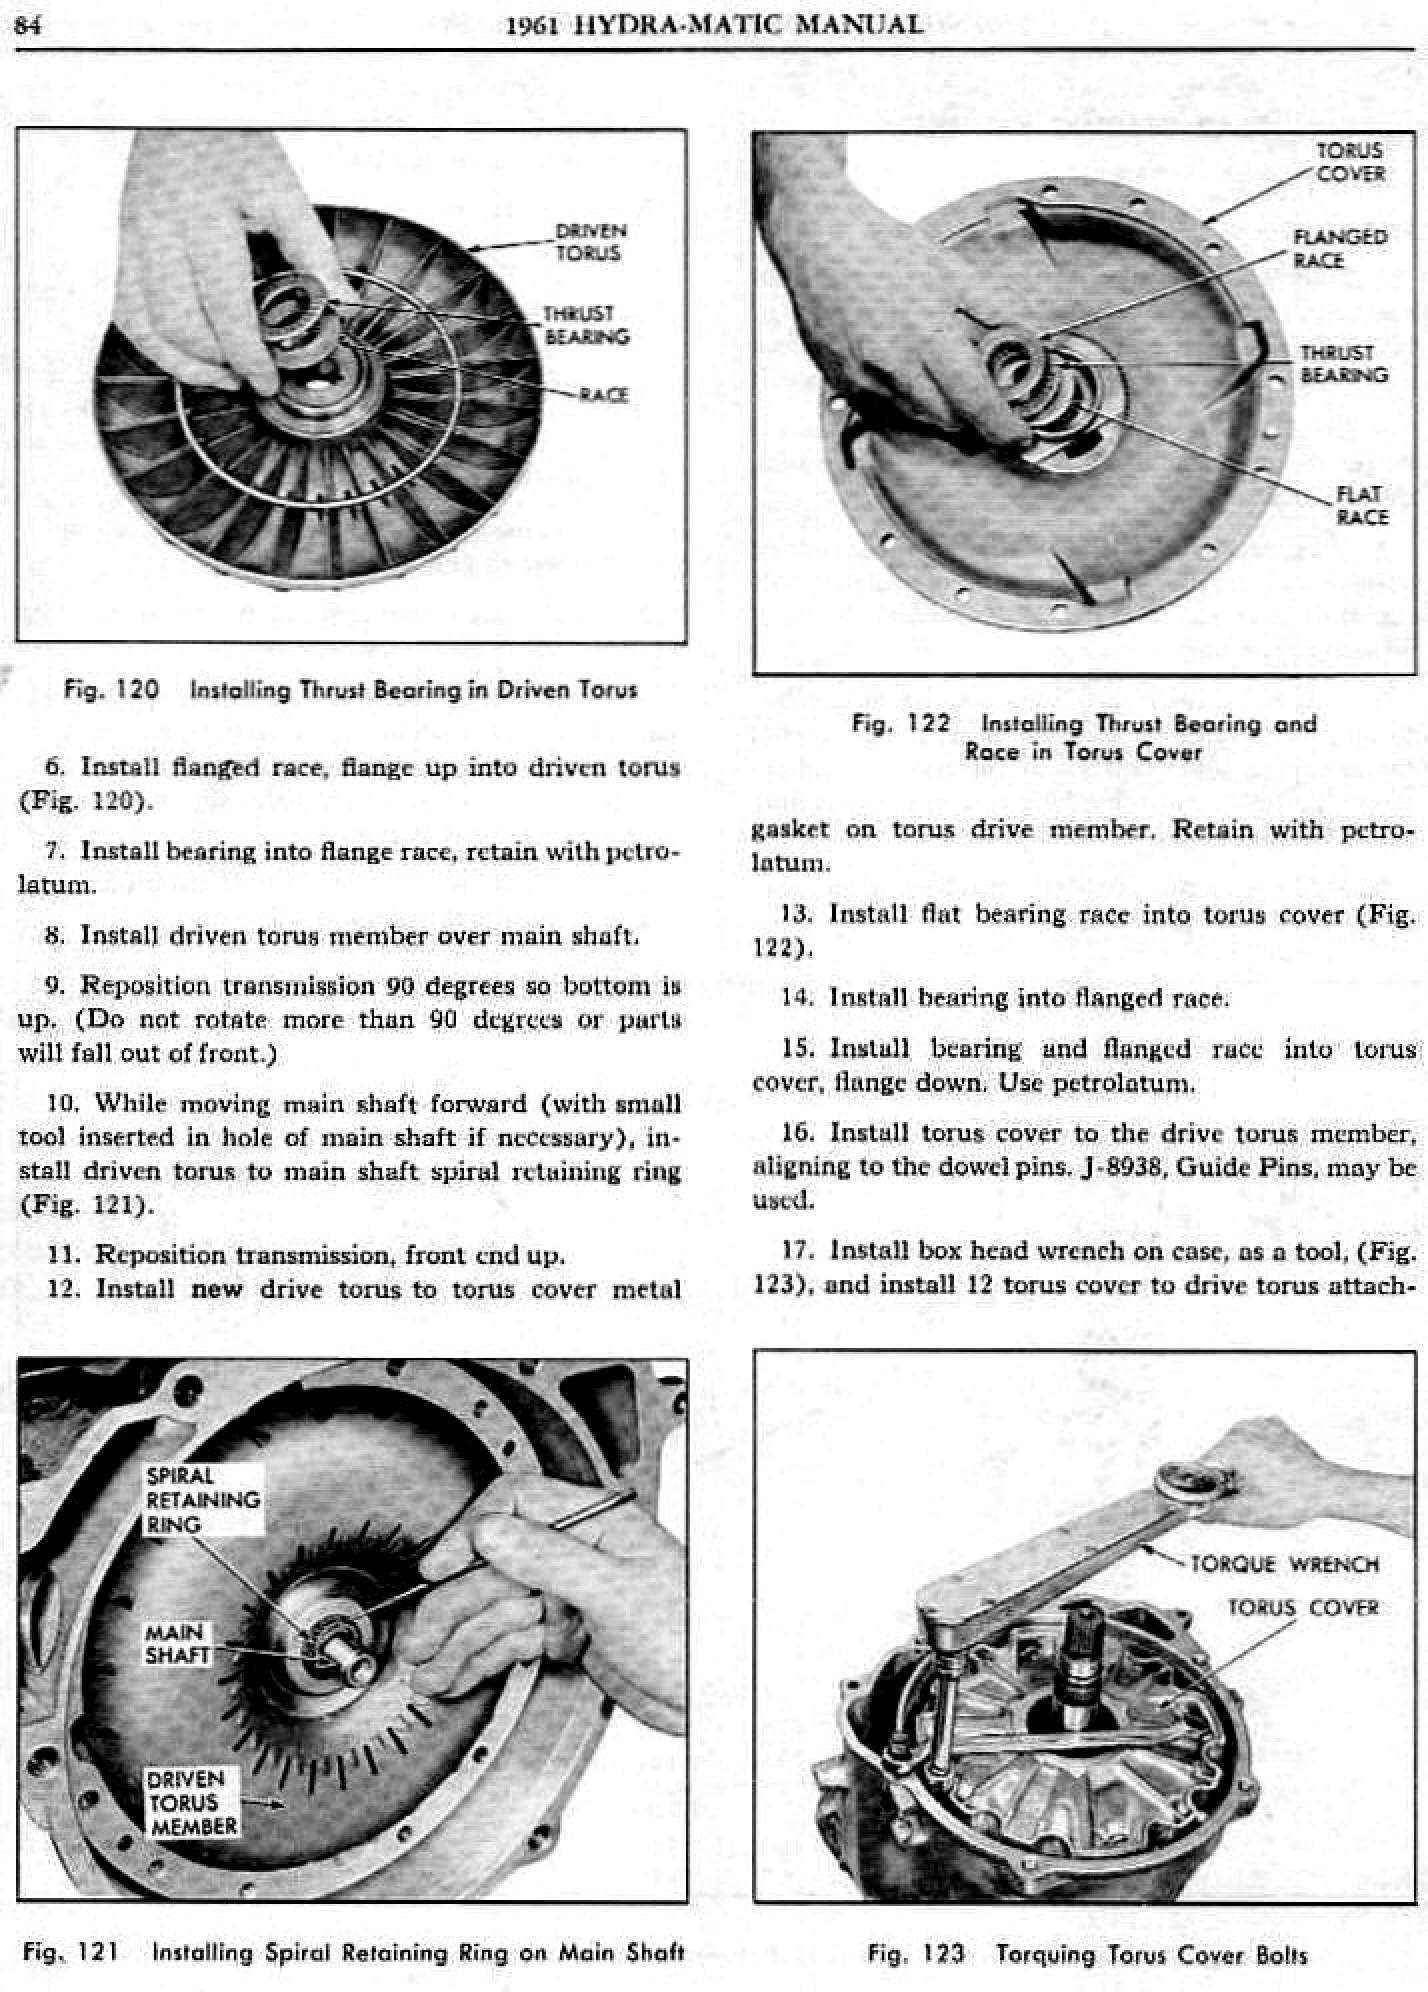 1961 Pontiac Hydramatic Page 84 of 101